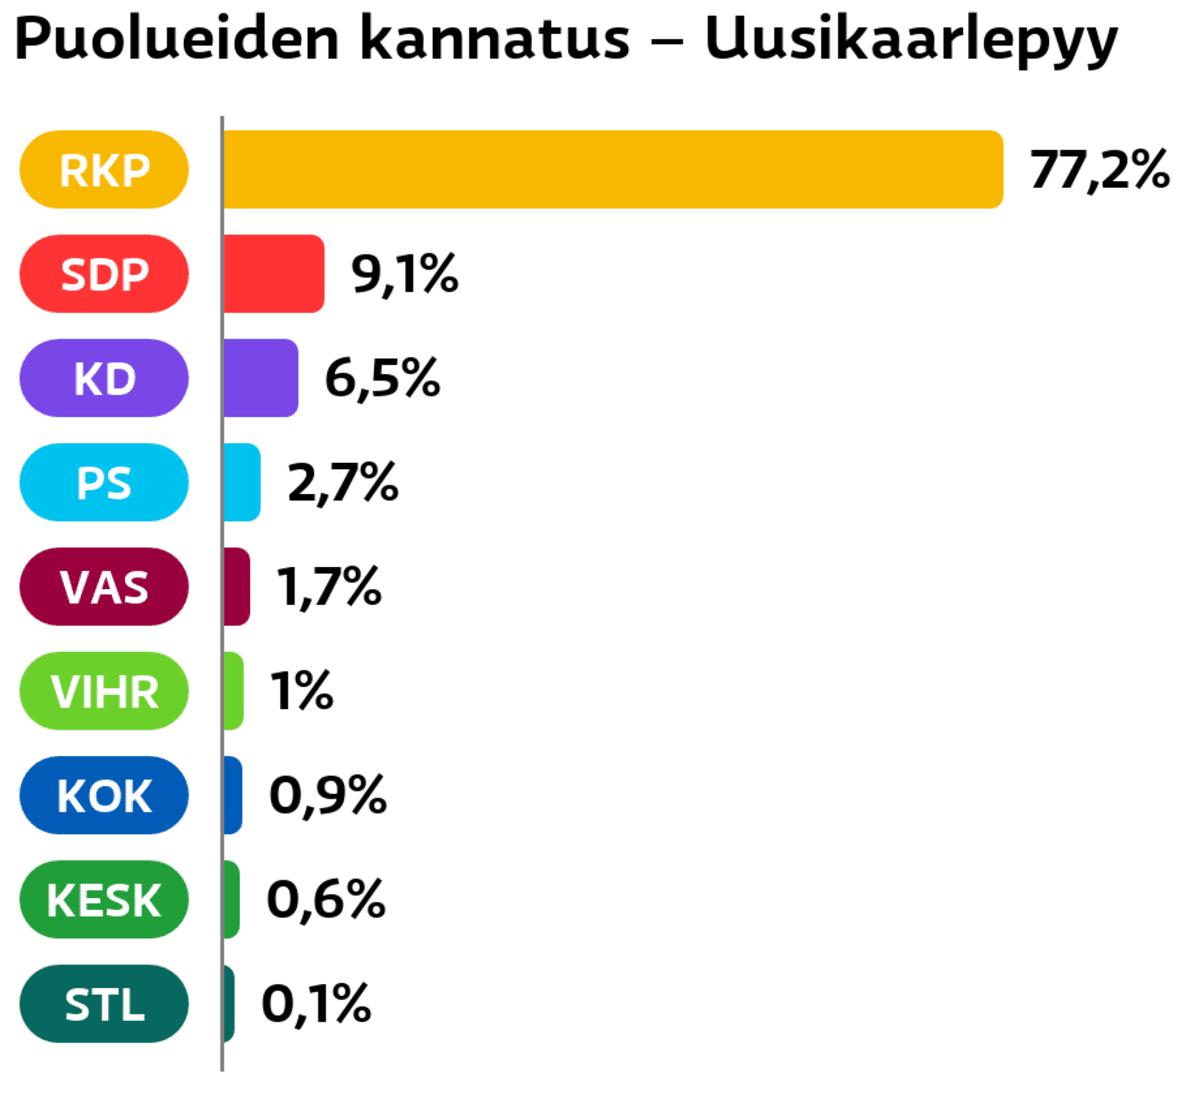 Puolueiden kannatus: Uusikaarlepyy RKP: 77,2 prosenttia SDP: 9,1 prosenttia Suomen Kristillisdemokraatit: 6,5 prosenttia Perussuomalaiset: 2,7 prosenttia Vasemmistoliitto: 1,7 prosenttia Vihreät: 1 prosenttia Kokoomus: 0,9 prosenttia Keskusta: 0,6 prosenttia Tähtiliike: 0,1 prosenttia